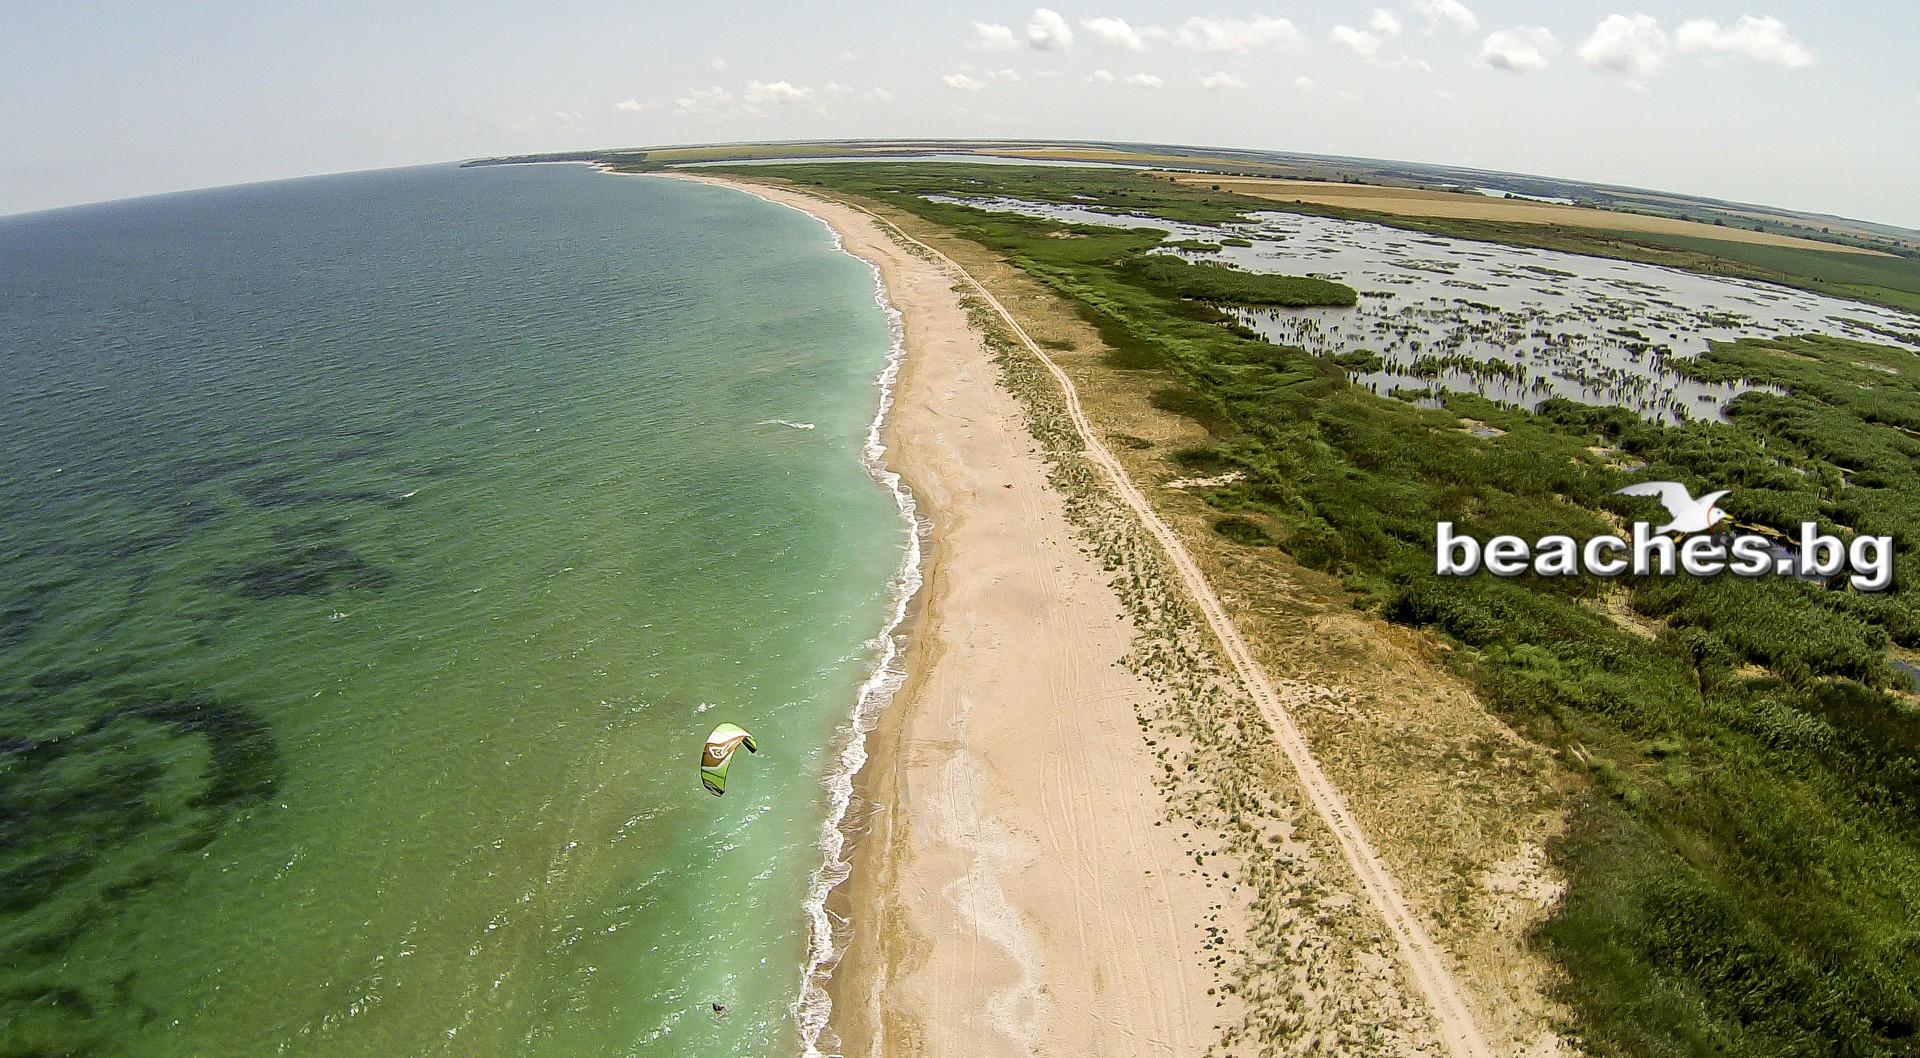 Южен плаж Дуранкулак